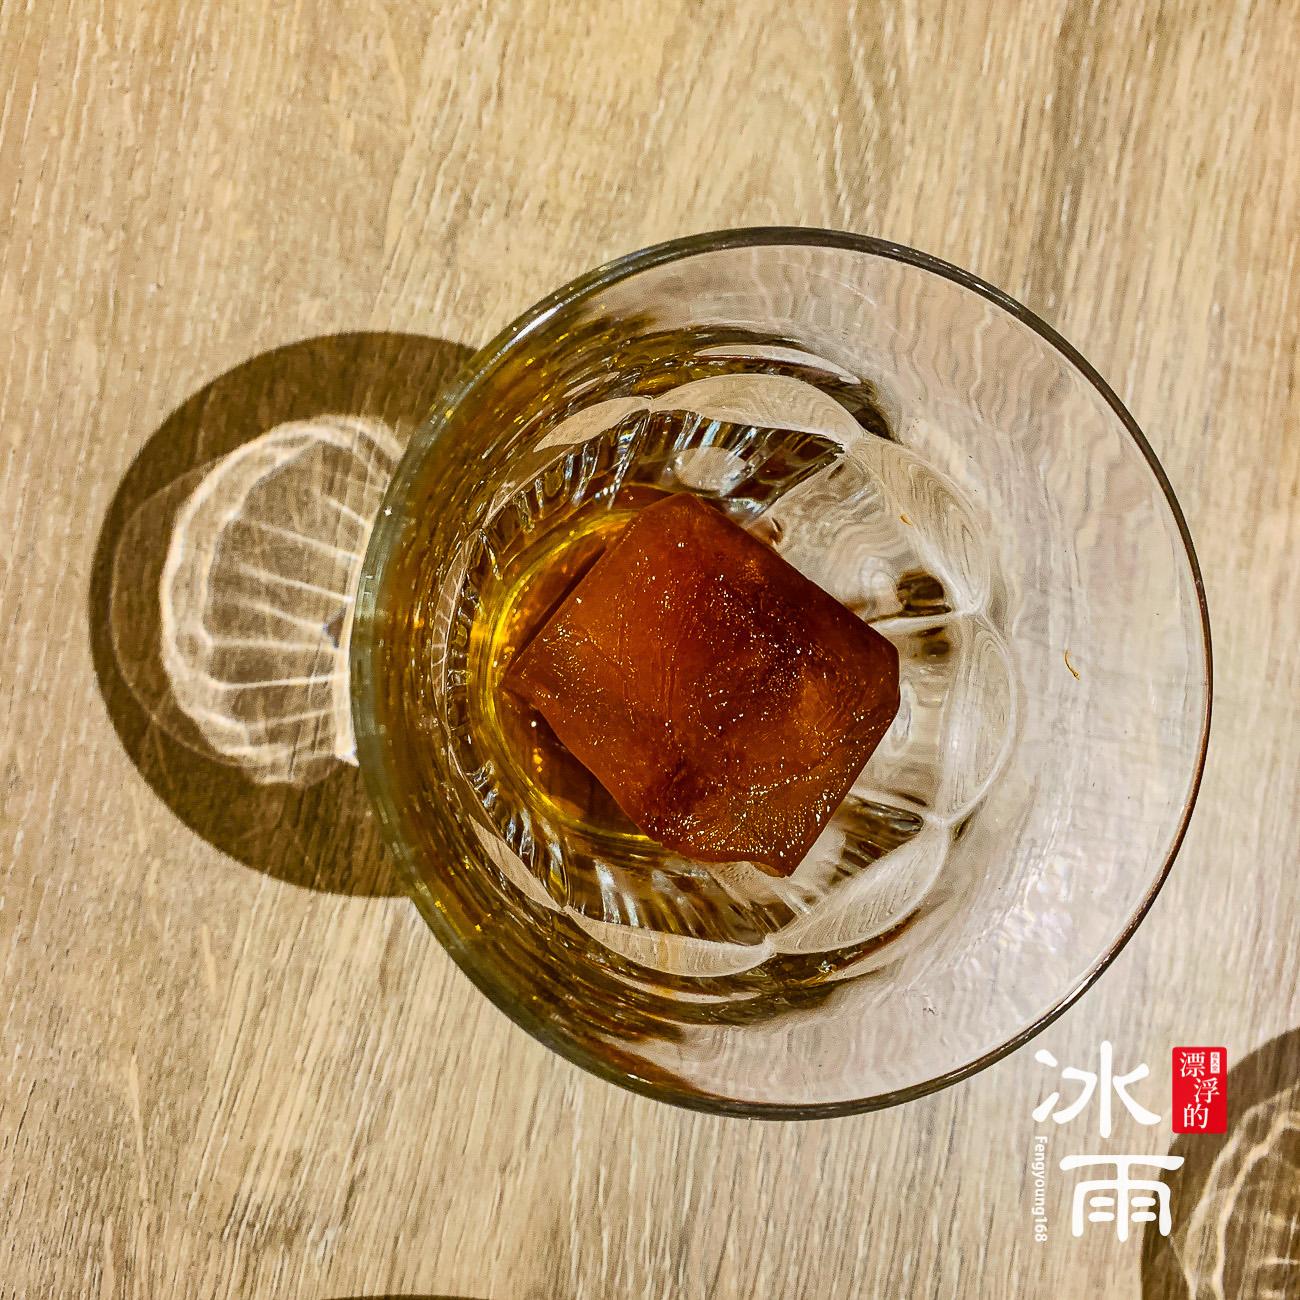 冰的茶磚是特色之一